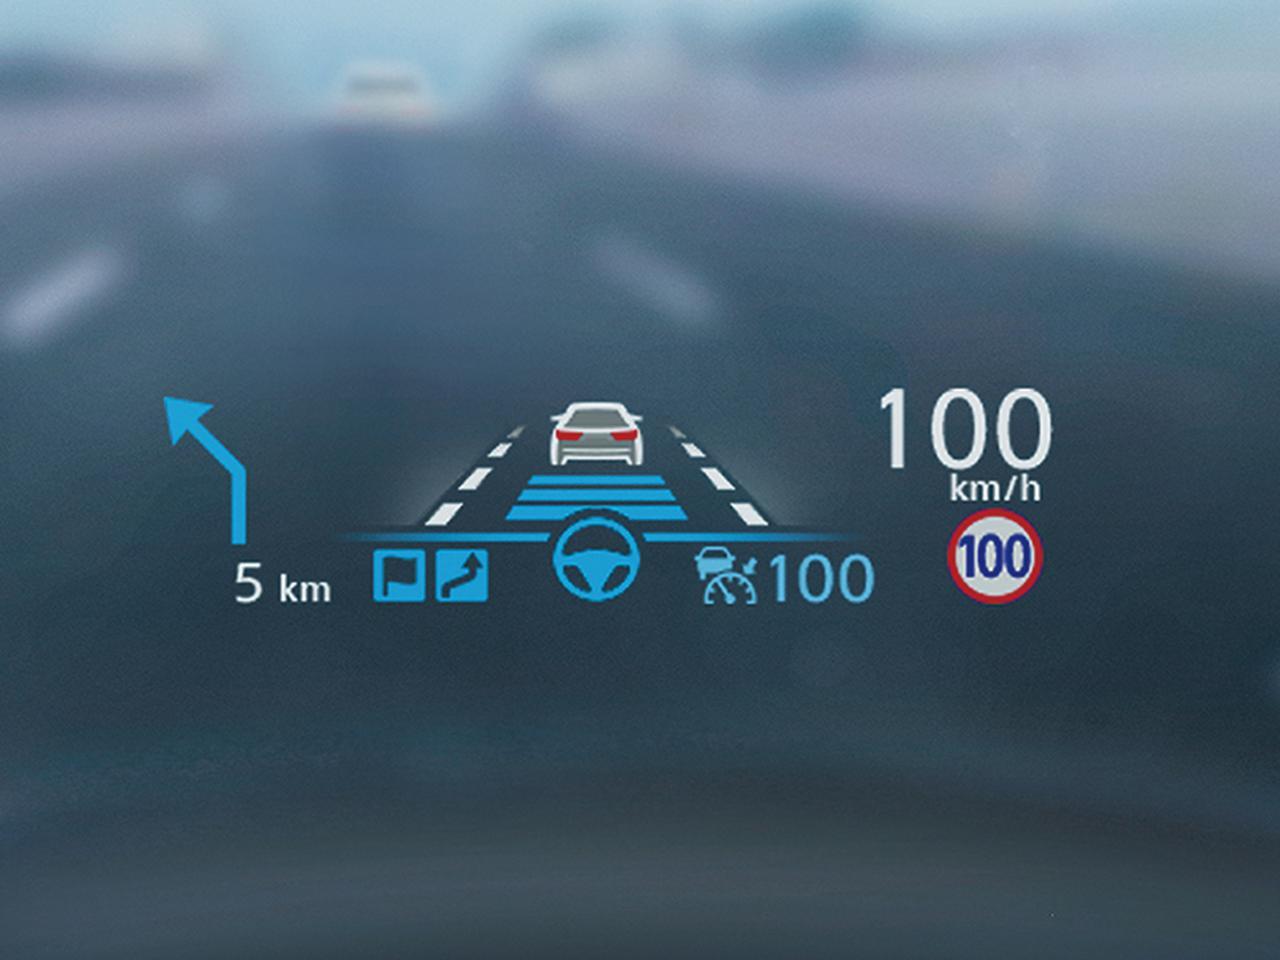 画像: 高速道路の「ルート上の車線変更と分岐の支援」「追い越し時の車線変更の支援」、さらに同一車線内の「ハンズオフ」と、幅広い支援を行う。